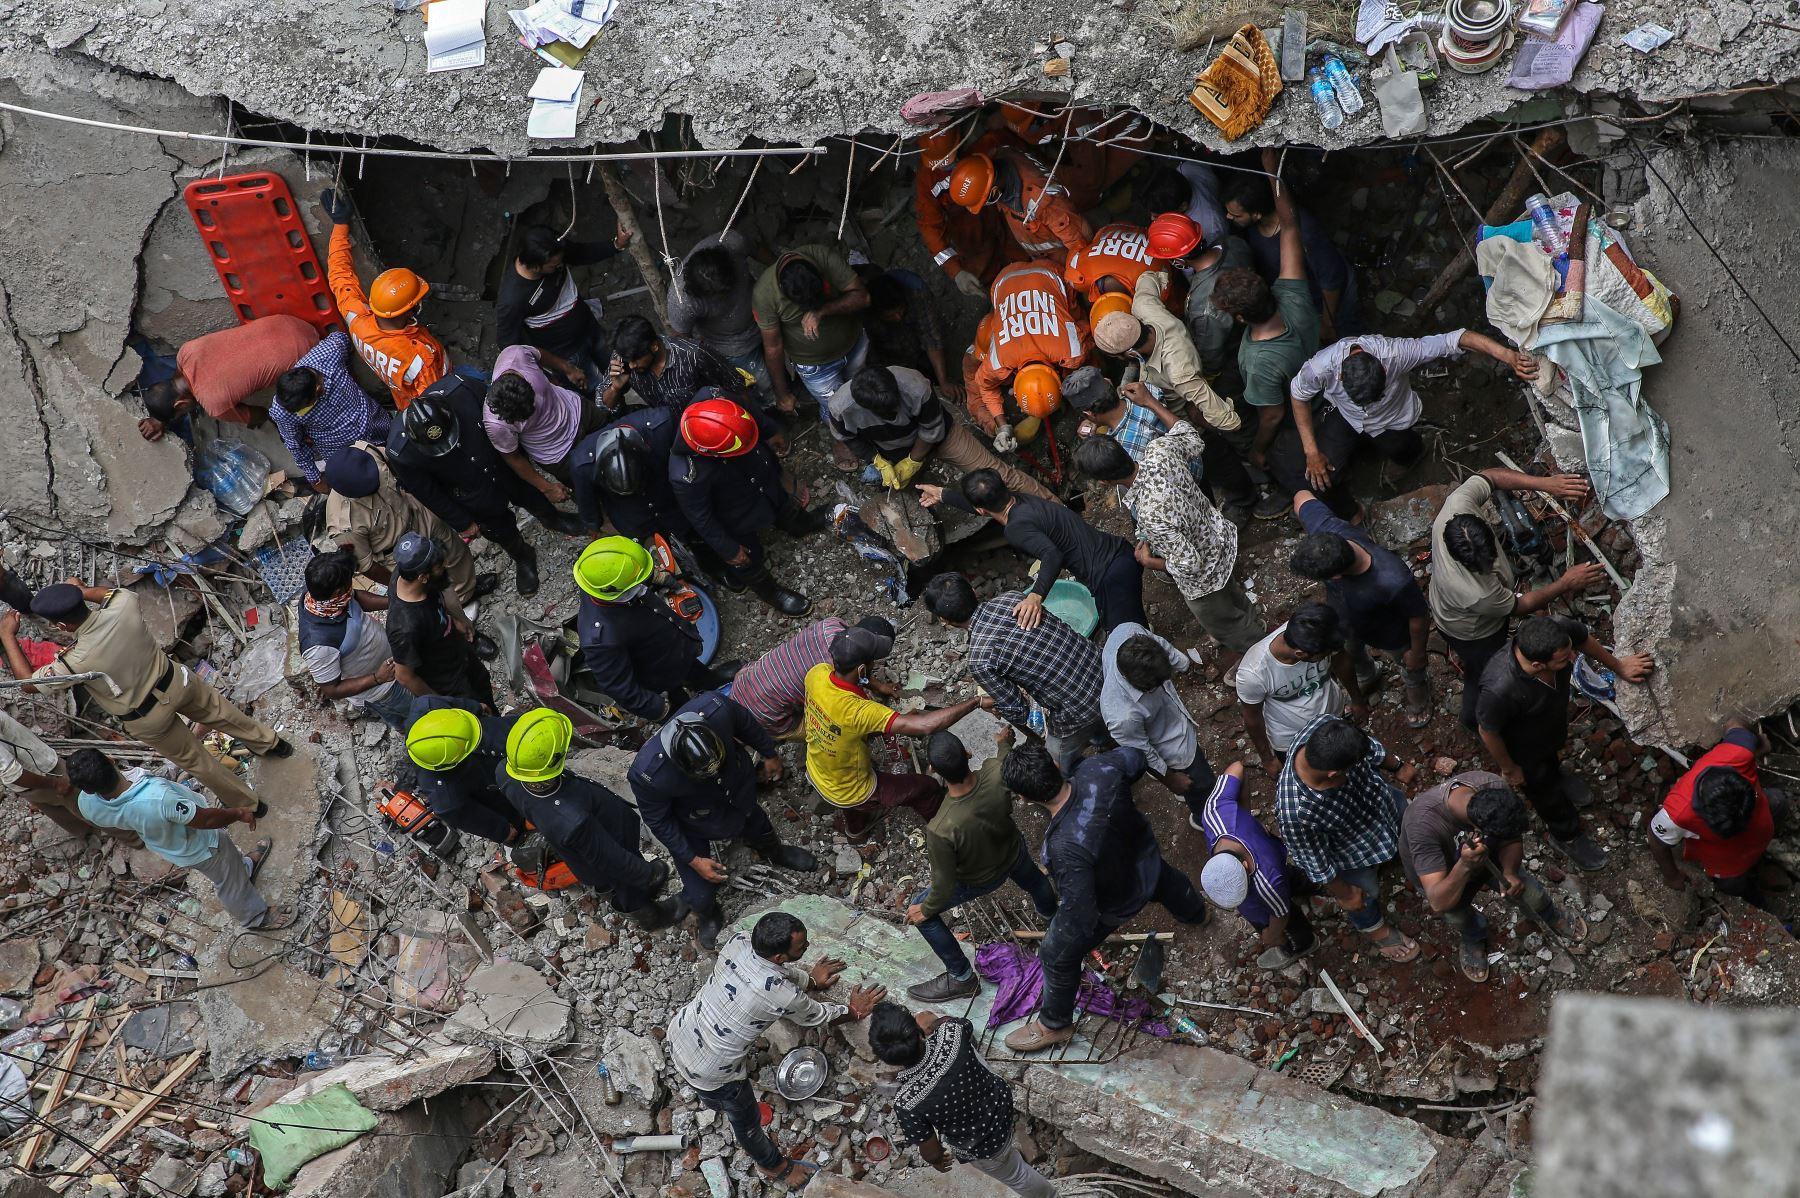 Las personas se reúnen para limpiar los escombros tras el colapso de un edificio residencial en Bhiwandi, en las afueras de Mumbai, India. Foto: EFE